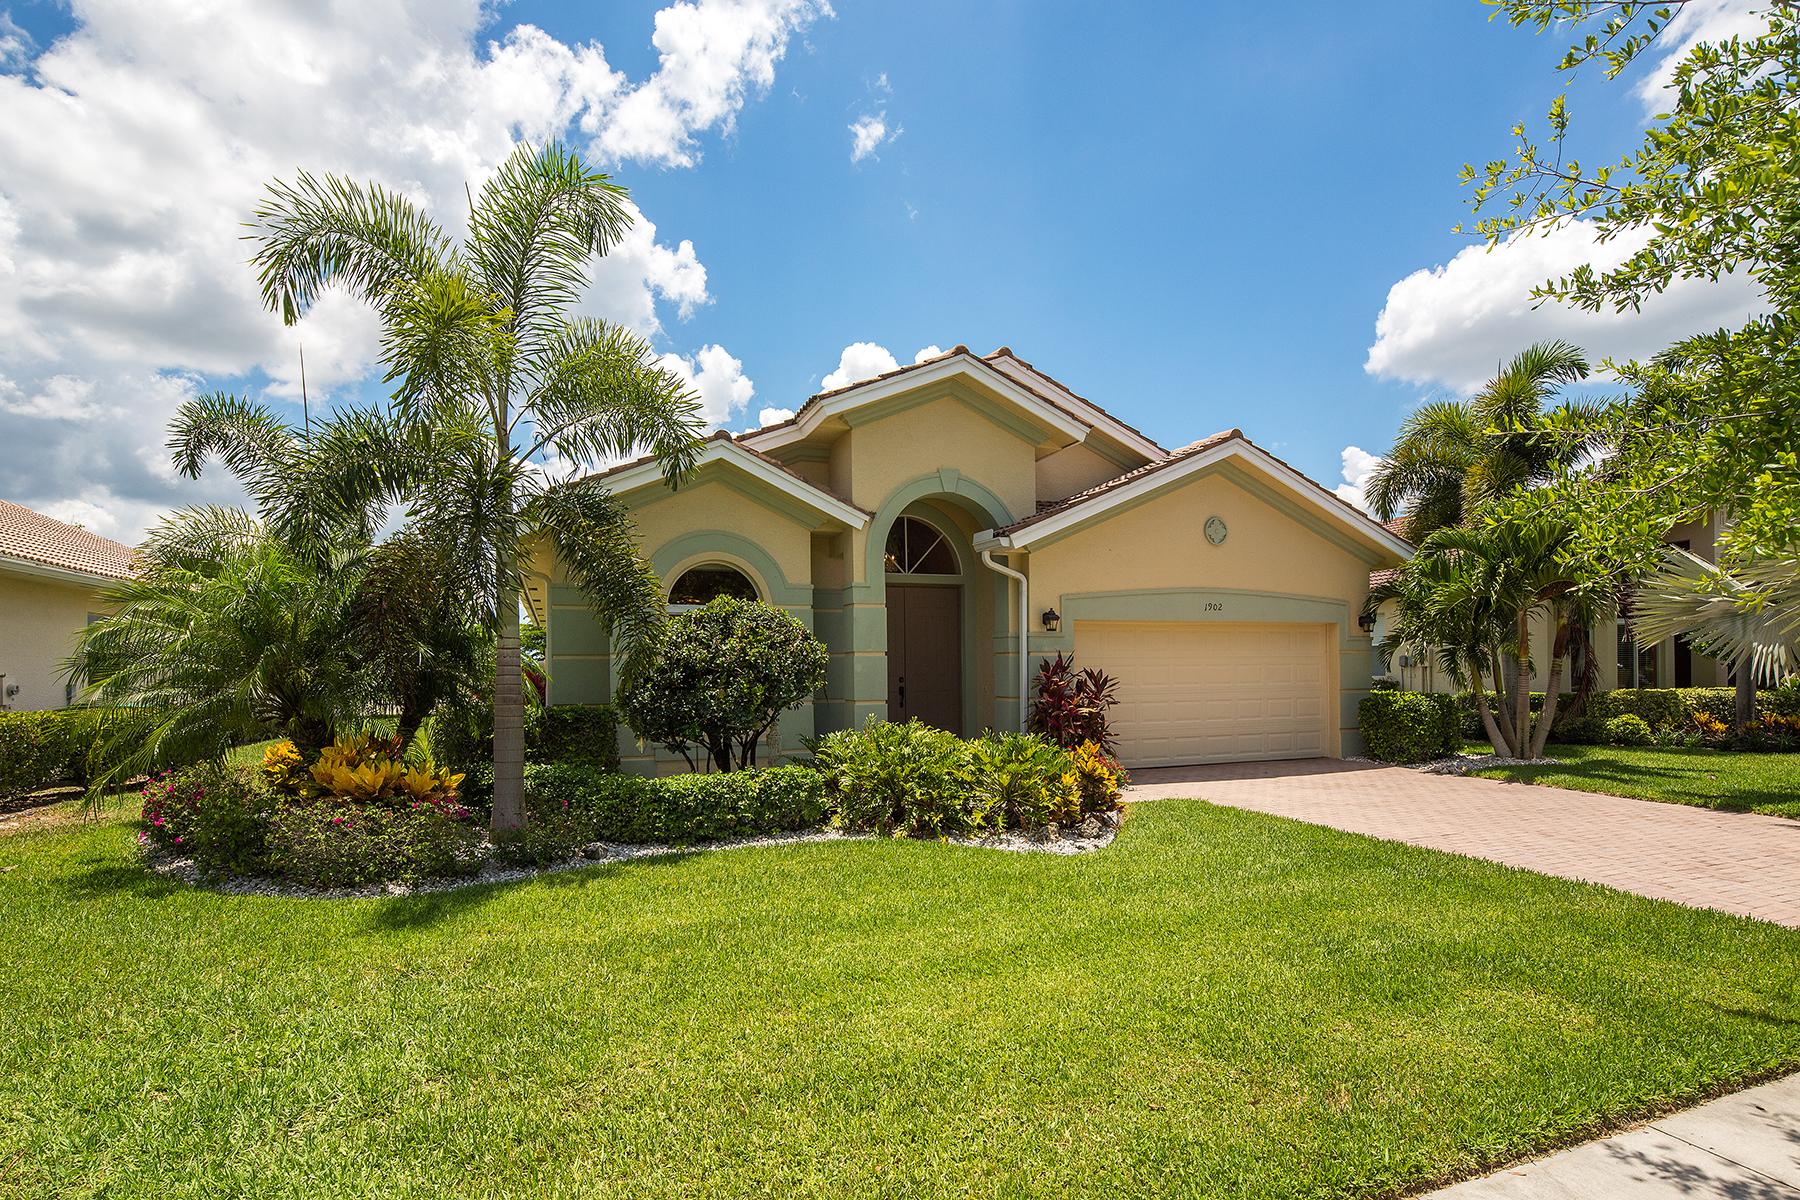 Tek Ailelik Ev için Satış at VALENCIA 1902 Par Dr Naples, Florida, 34120 Amerika Birleşik Devletleri